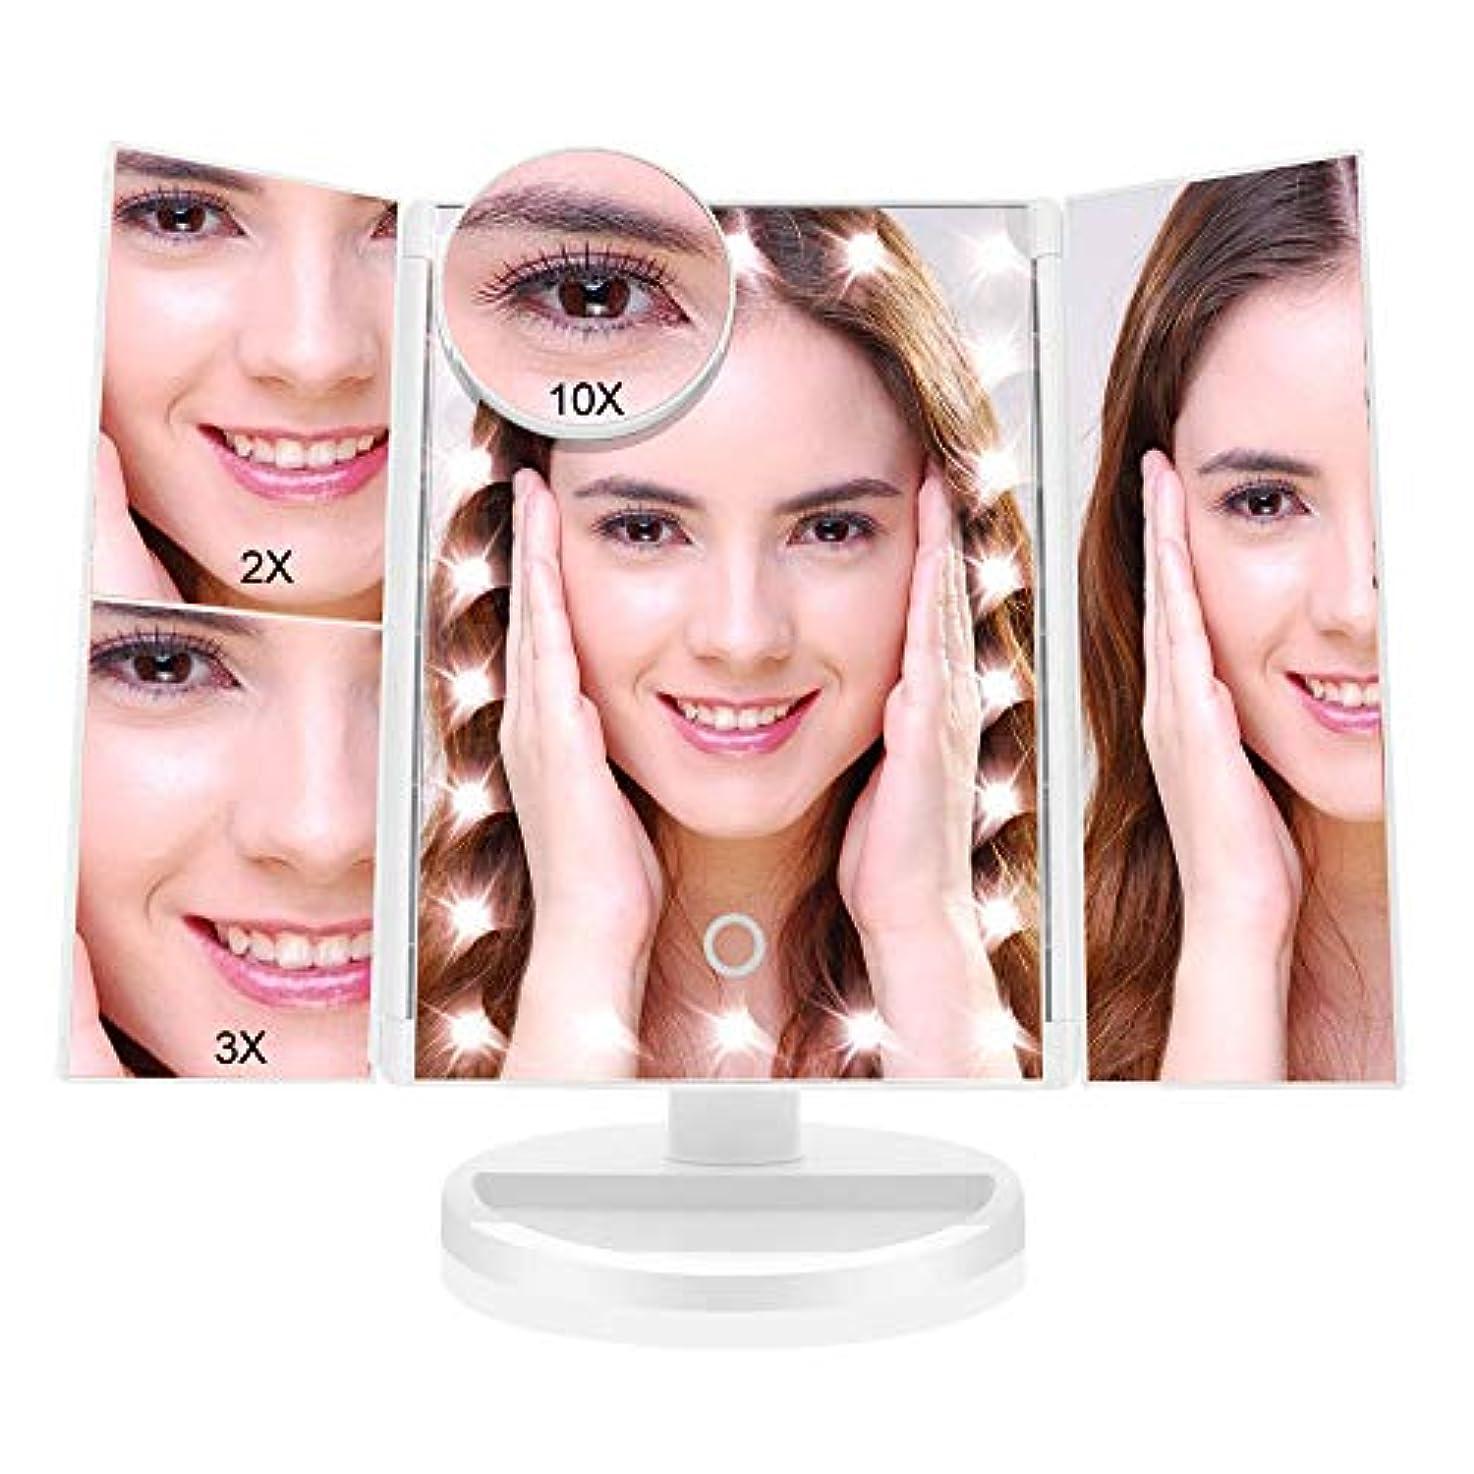 受け継ぐ戦士きょうだい化粧鏡 化粧ミラー 鏡 三面鏡 女優 卓上 21個LED付き 拡大鏡 2X 3X 10X 倍 明るさ調節可能 180°回転 電池&USB2WAY給電 収納便利